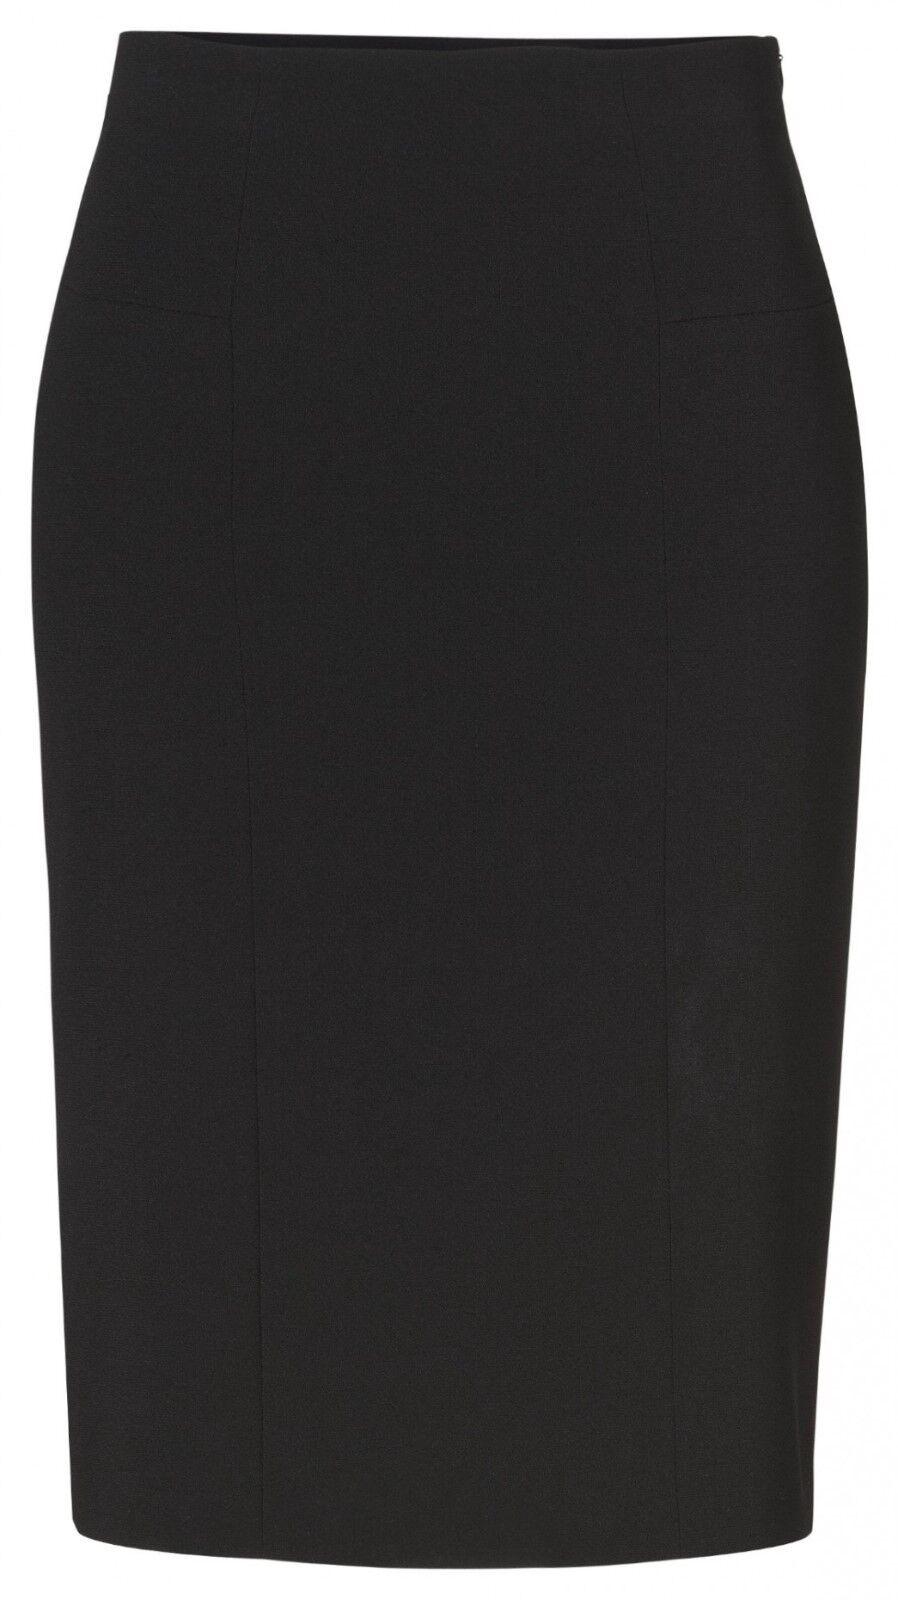 Laurel  Bleistiftrock in schwarz, Größe 36